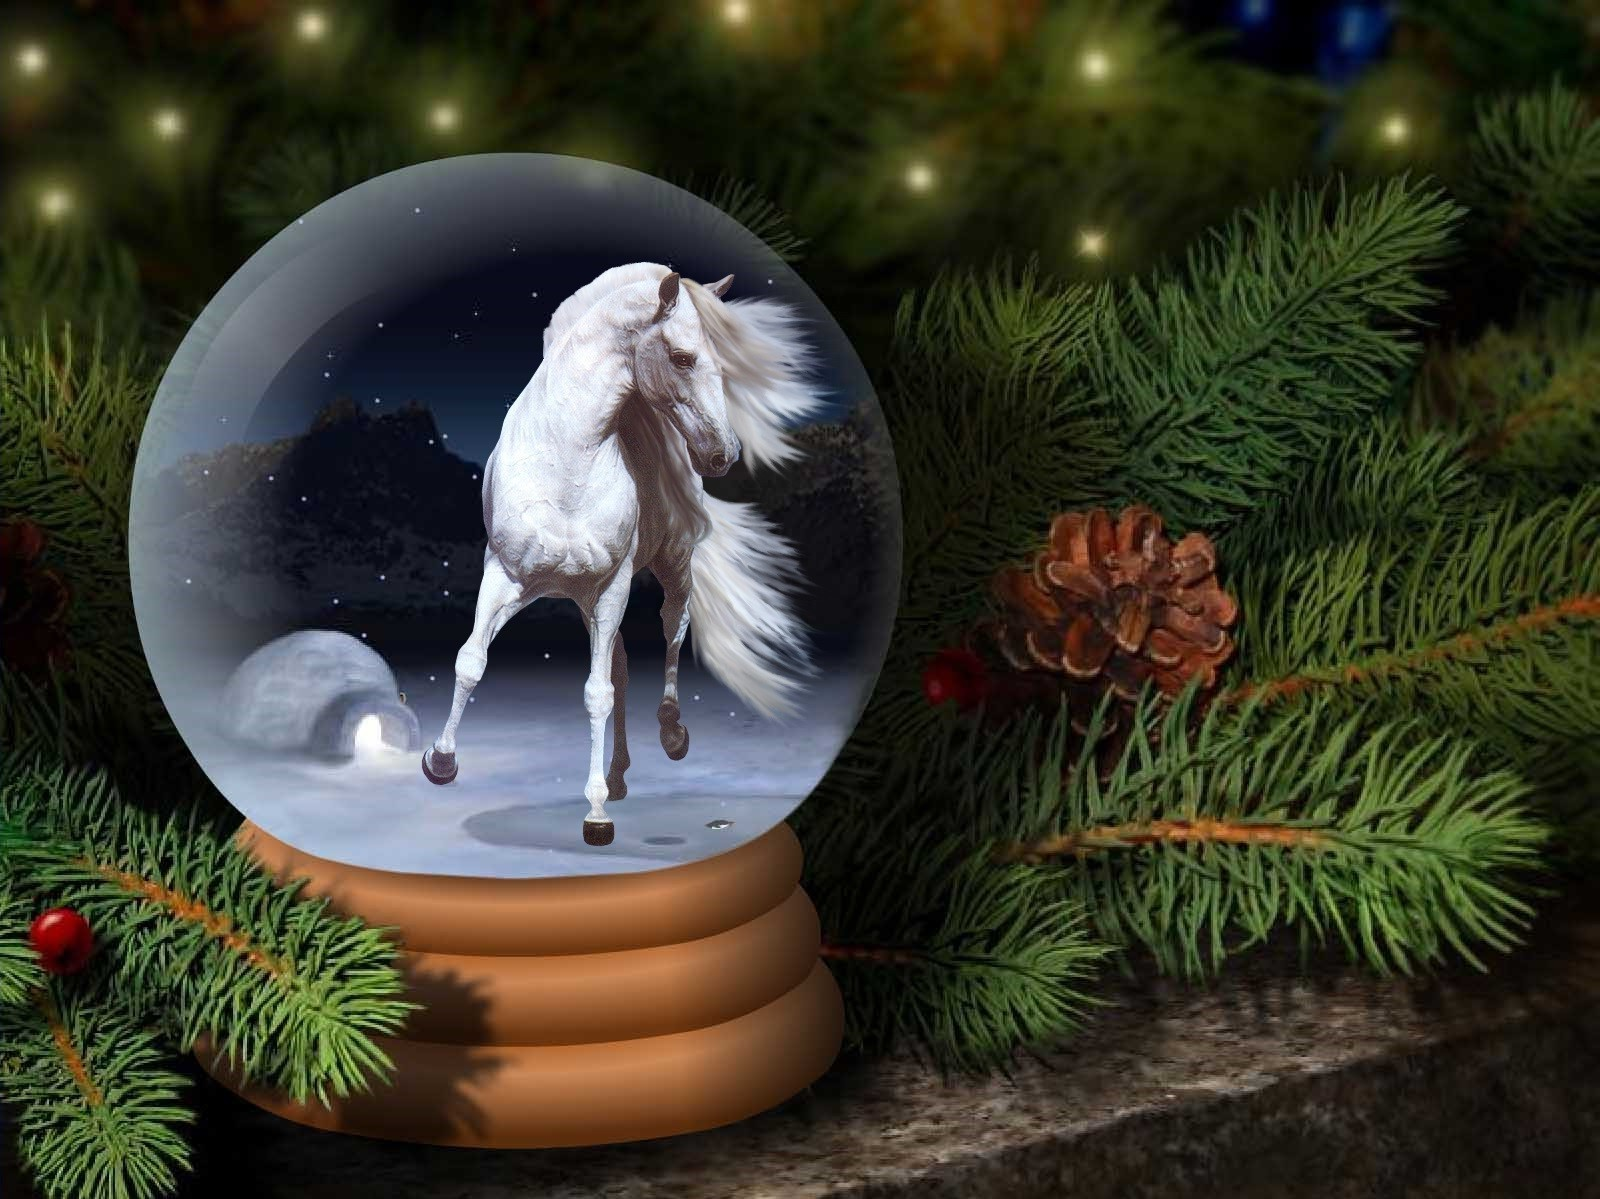 Вероники, картинки новый год лошади